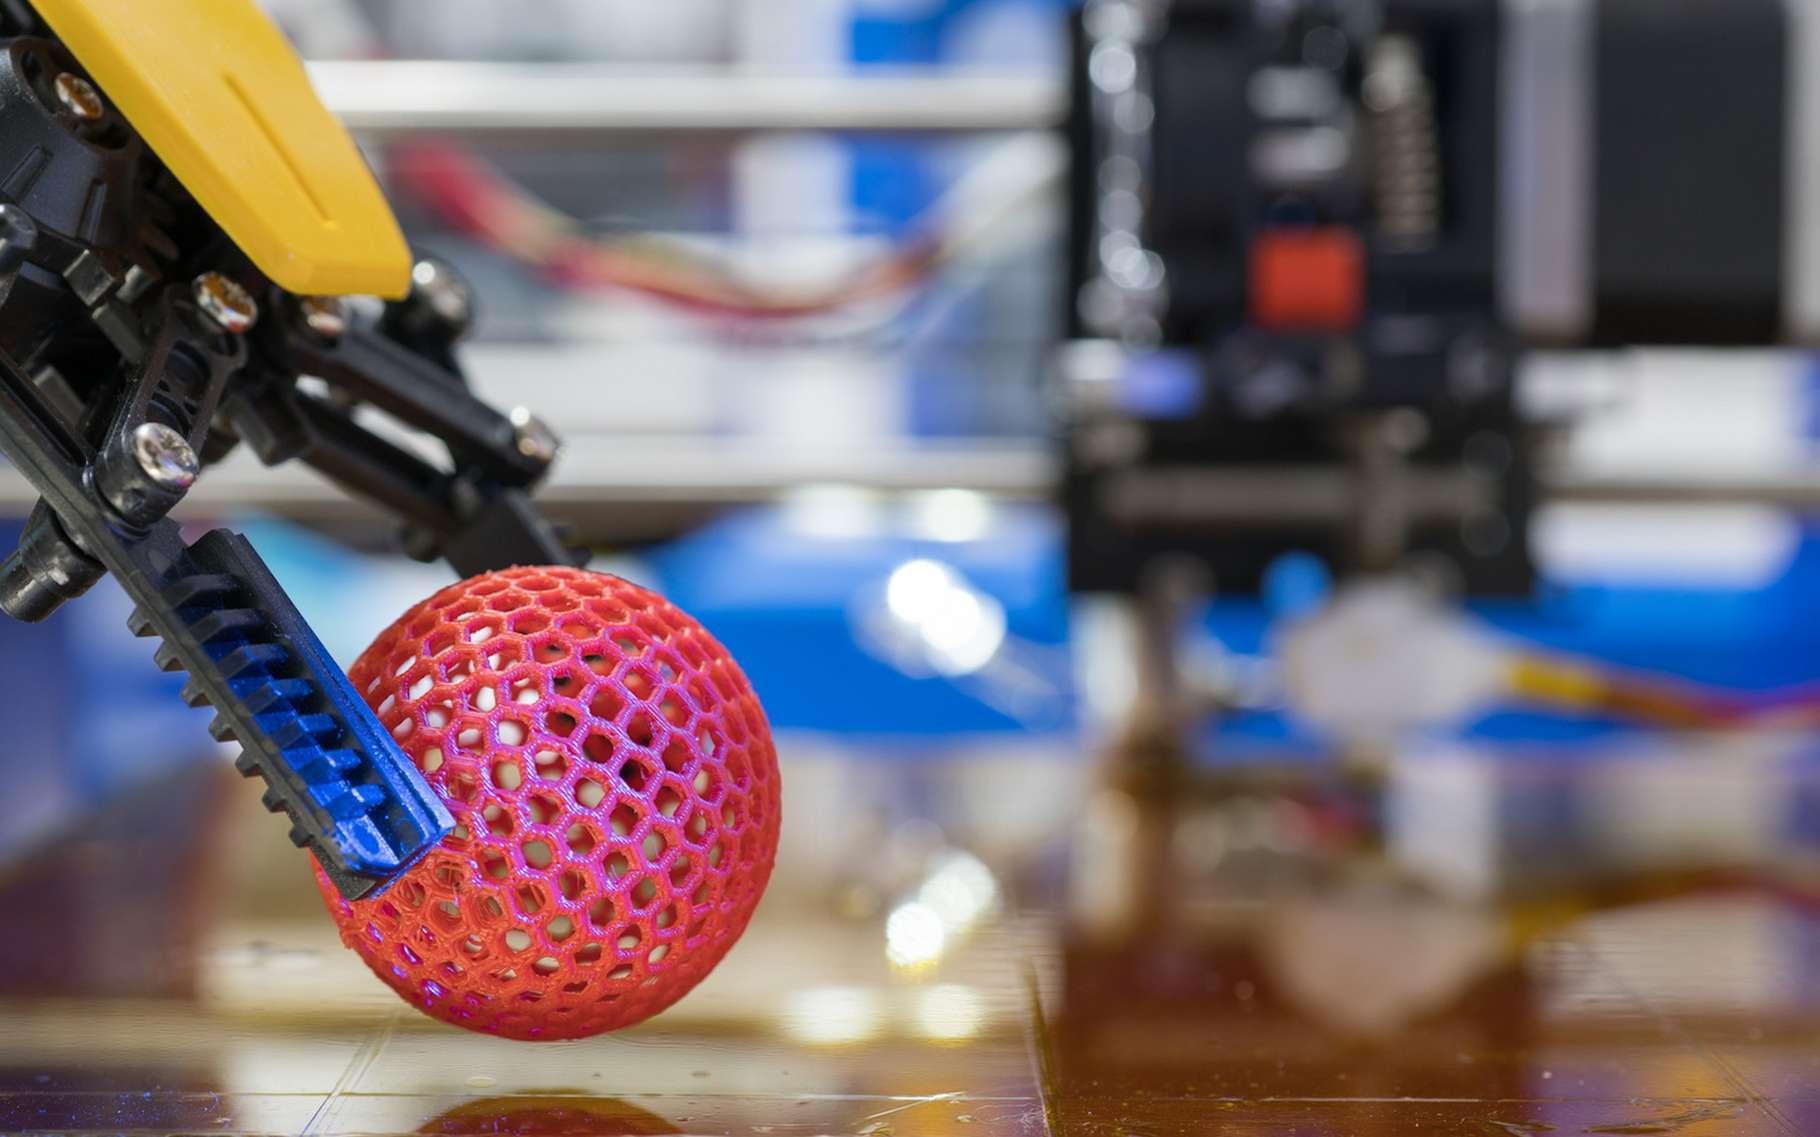 Les makers s'appuient notamment sur l'impression 3D et la fabrication additive. © science photo, Adobe Stock